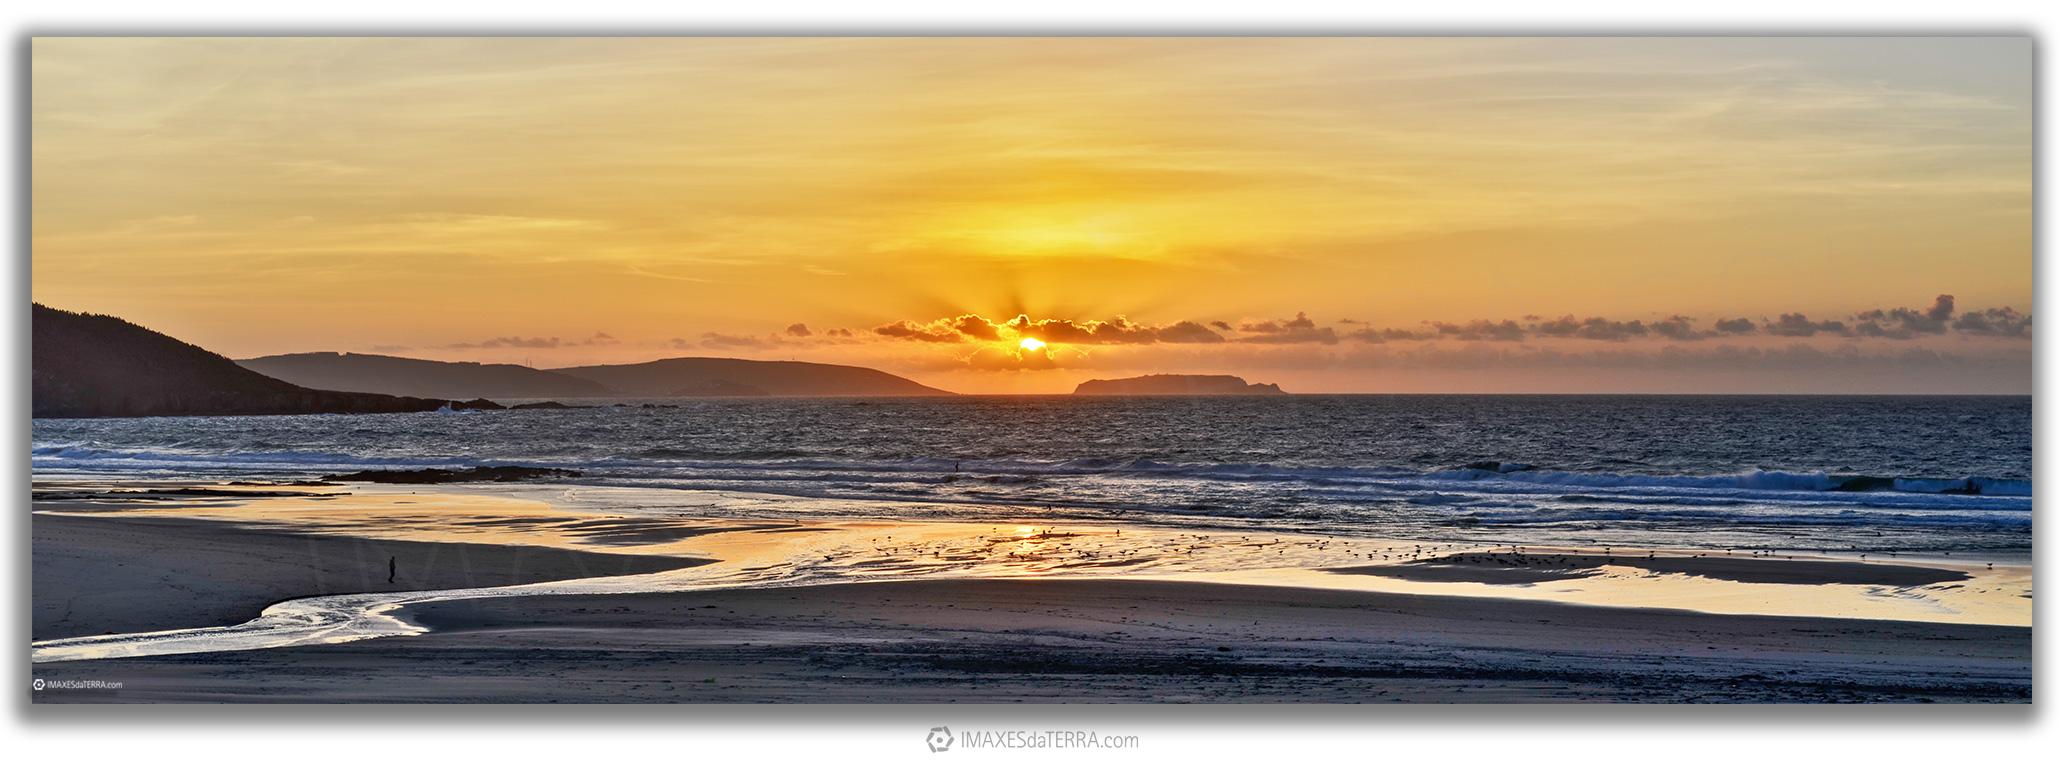 Ara Solis Praia Razo, Comprar fotografía de Galicia Paisajes Gallegos Puesta de Sol en Playa de Razo Islas Isargas Decoración Naturaleza